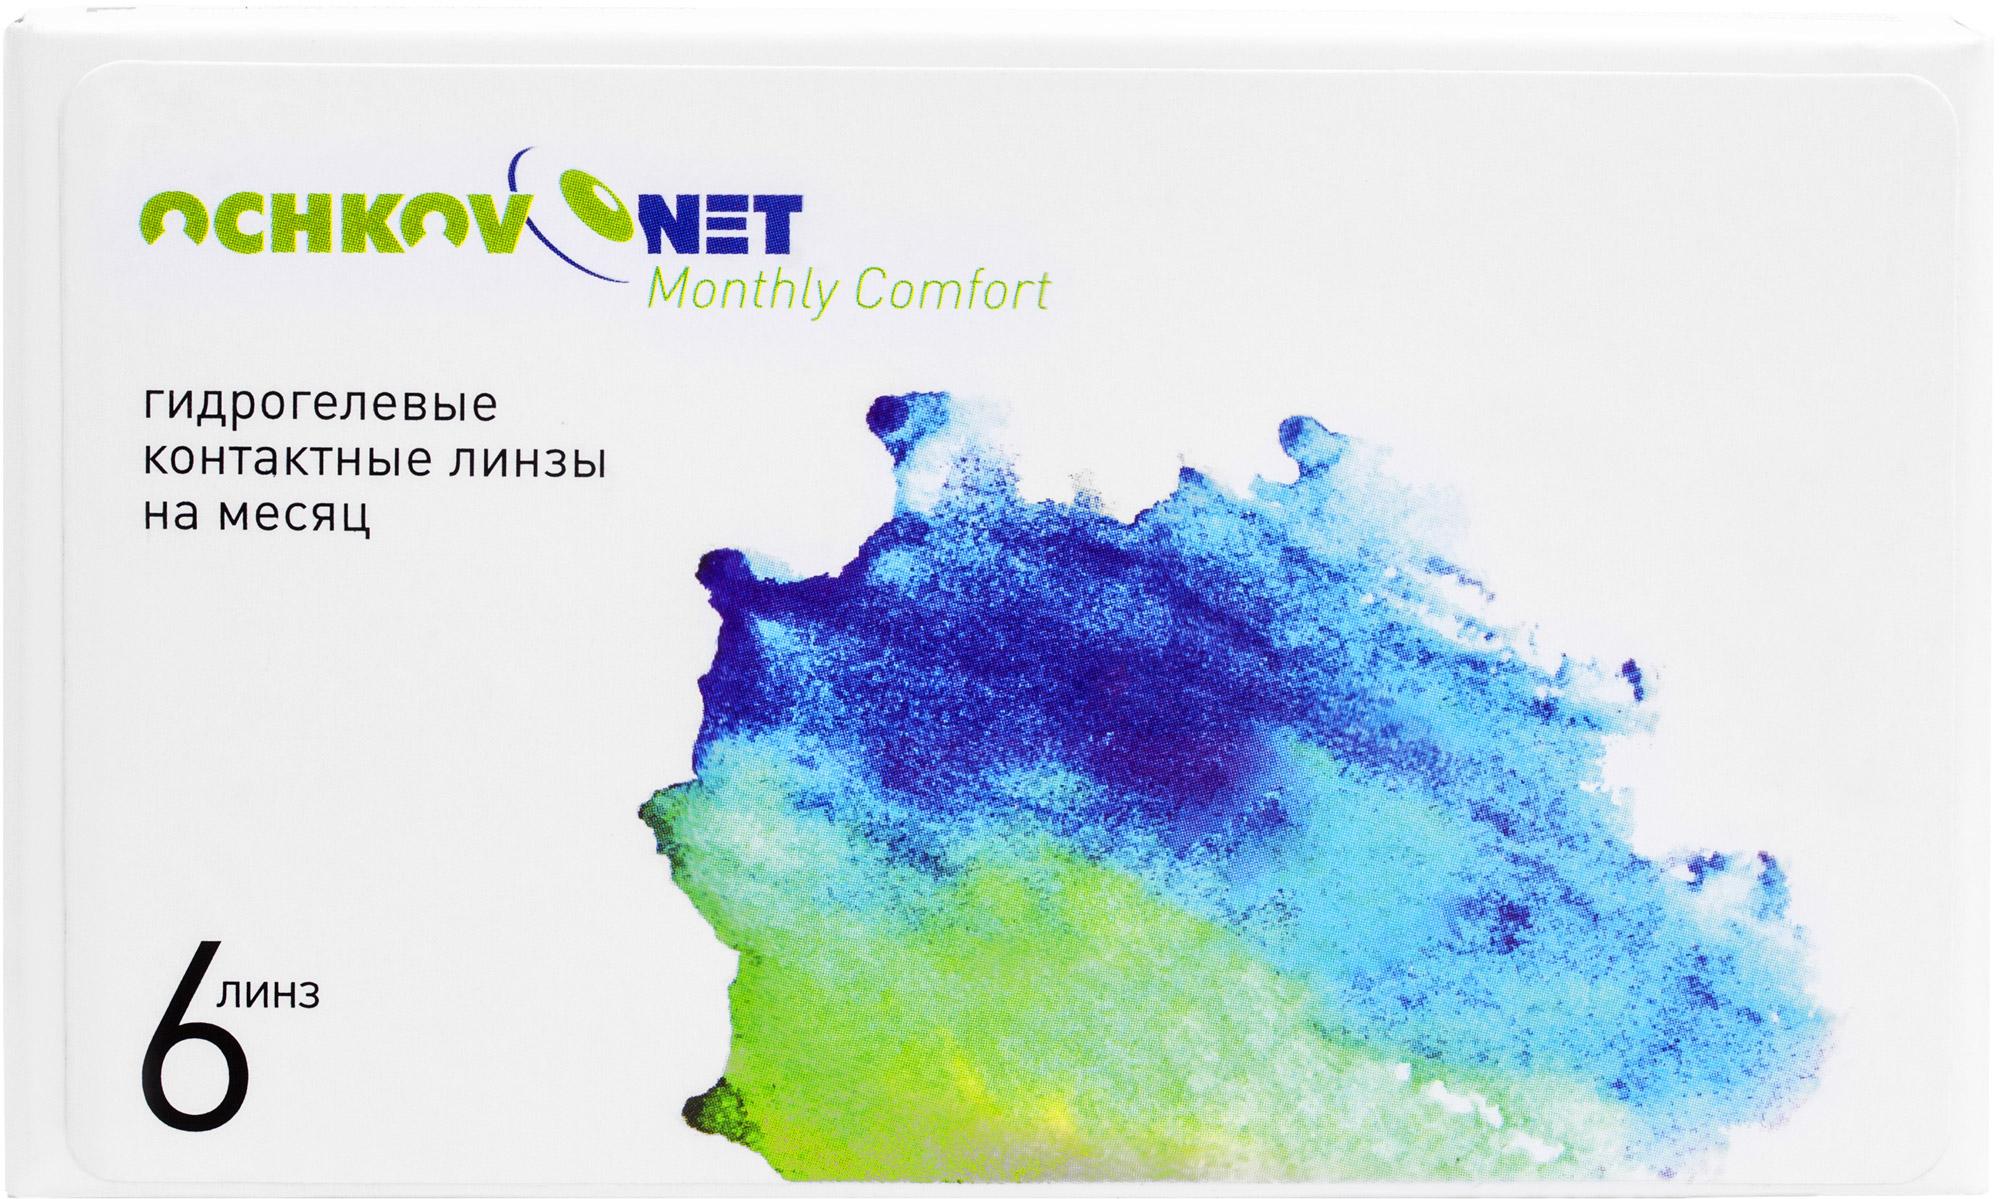 ochkov.net